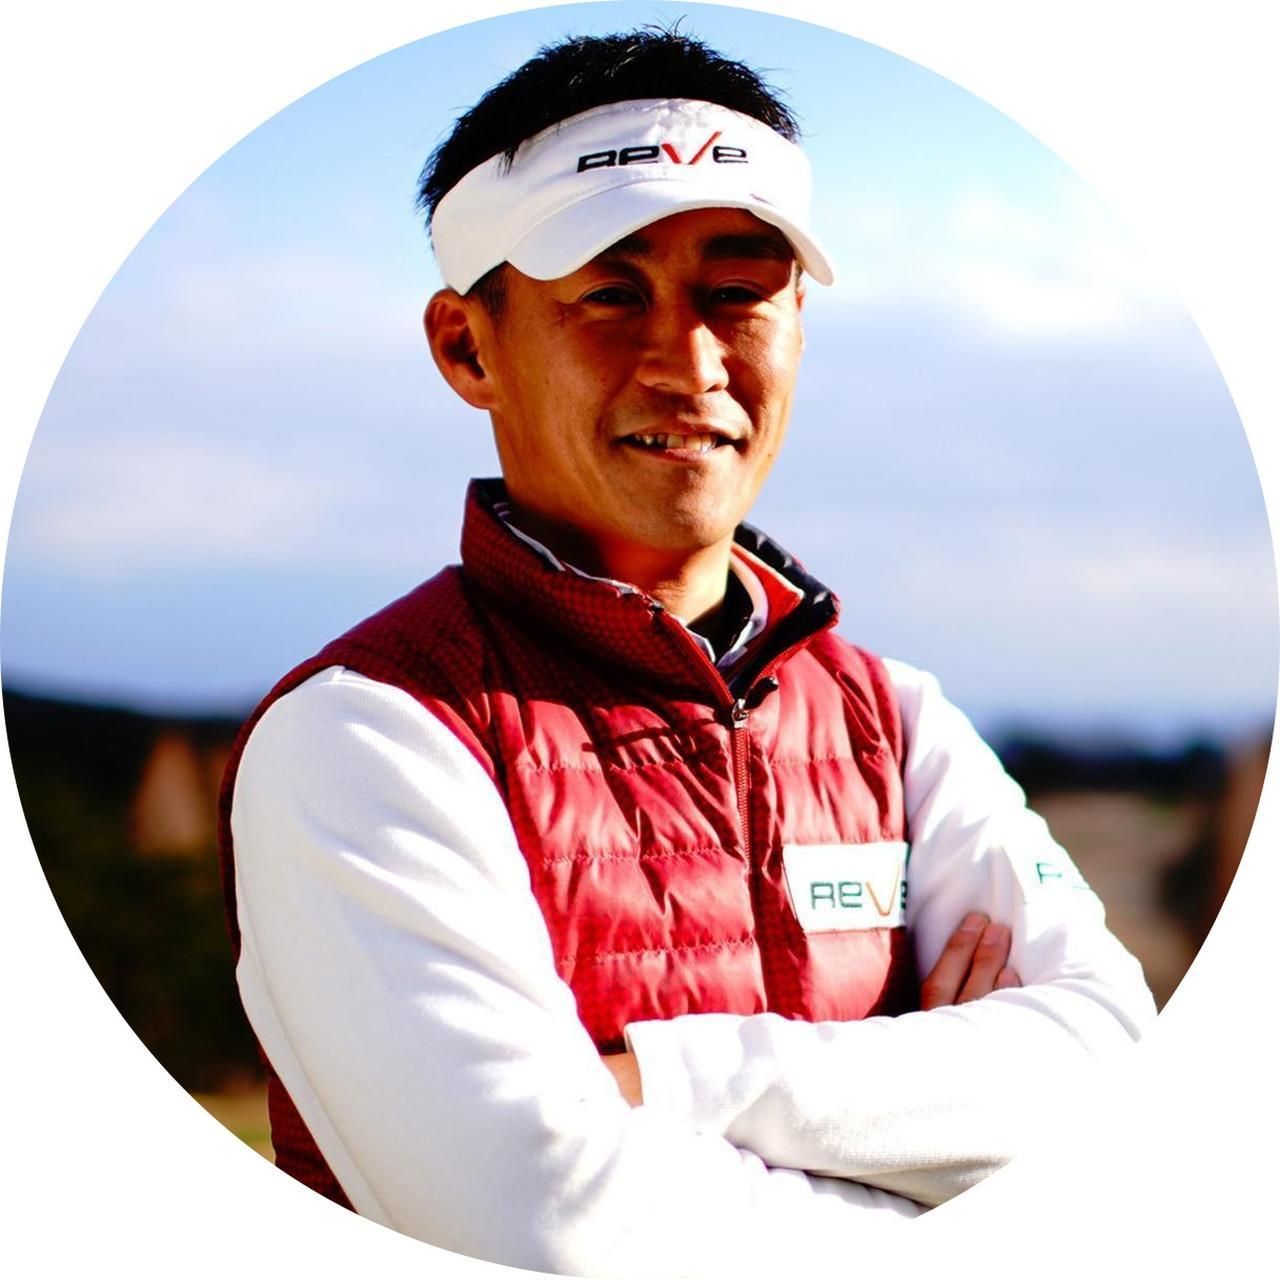 画像: 【候補者➃今泉健太郎】 いまいずみけんたろう。1981年生まれ。173センチながら404ヤードのドラコン公式記録を持つ。筋トレを一切行わず、力に頼らないレッスンが好評。ゴルフへ行こうWEBで「ビッグボールテクノロジー」連載中